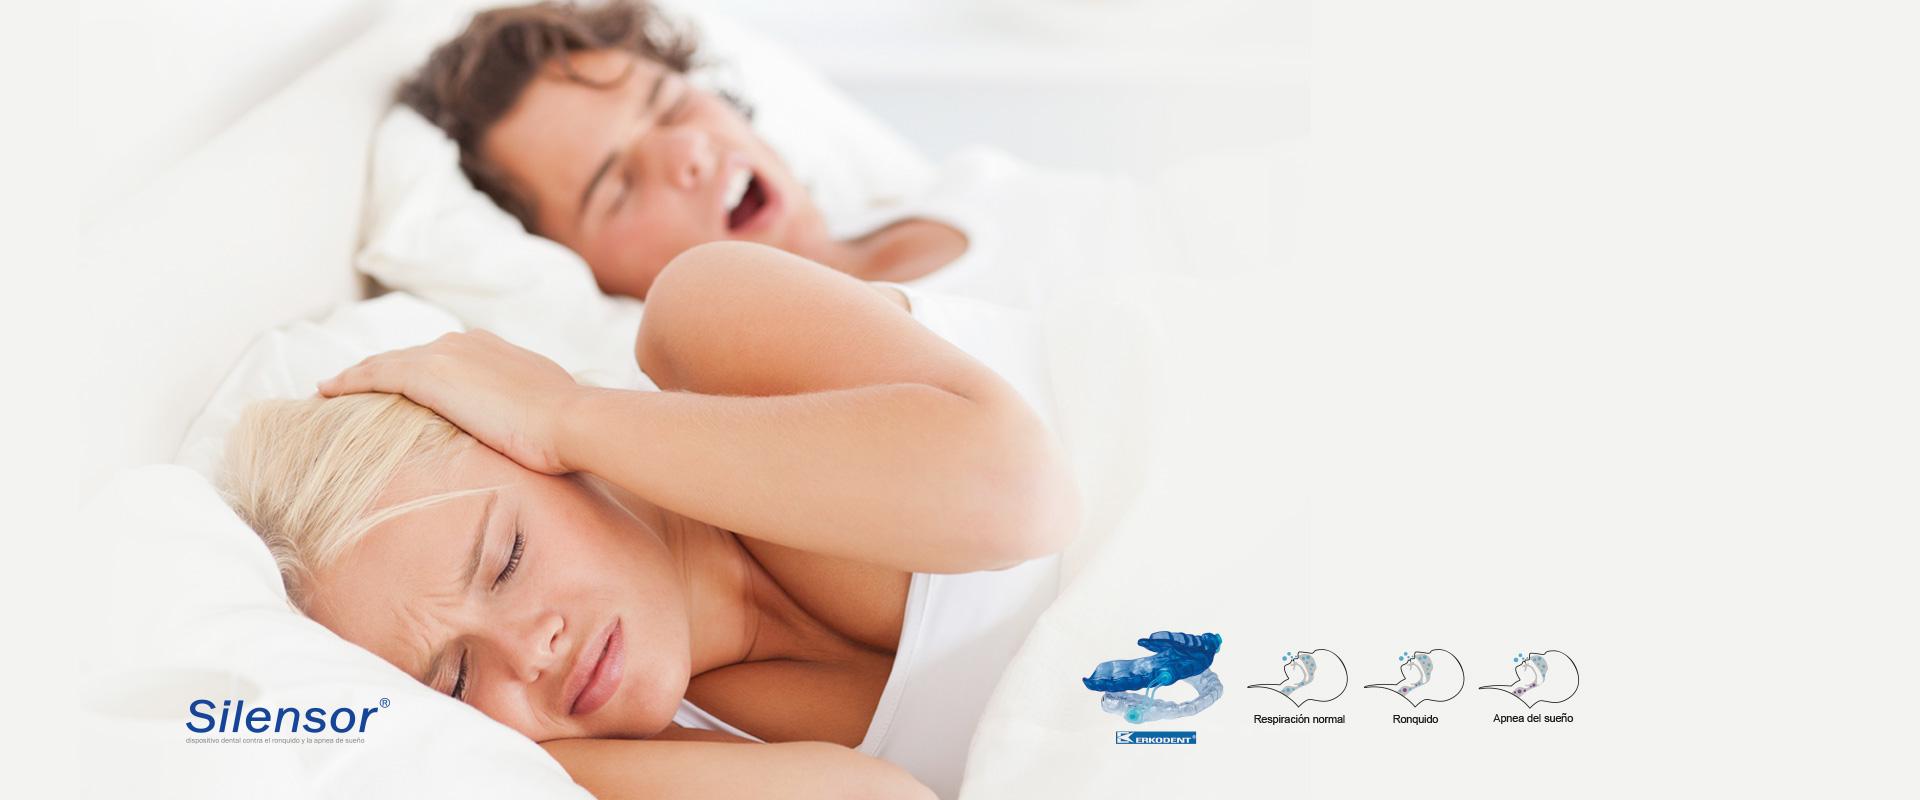 ¿Problemas de ronquidos<BR> y Apnea del sueño?